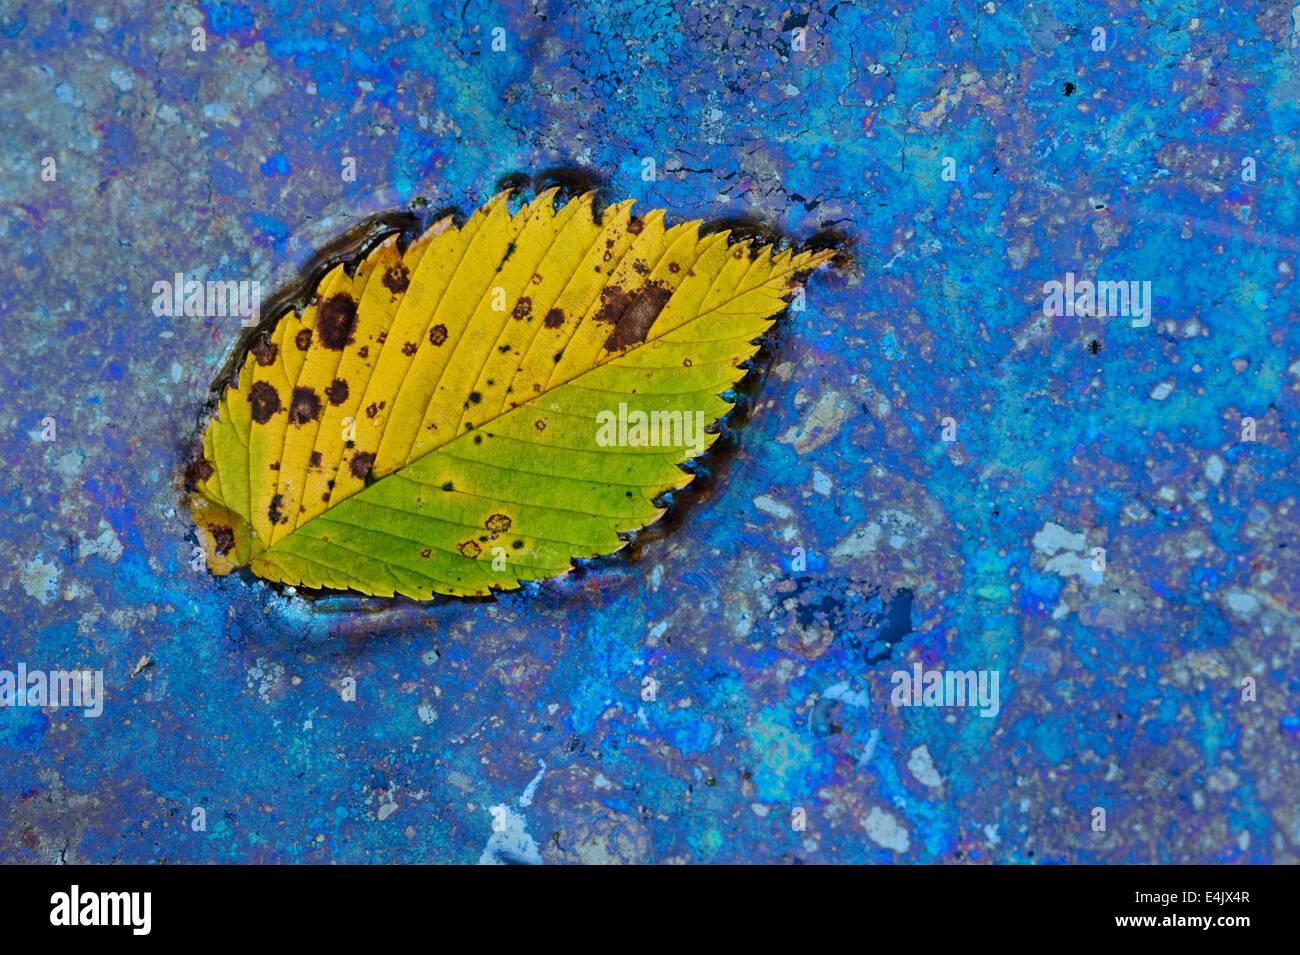 Natürlich bilden Bakterien (Leptothrix Discophora) um ein Blatt in einem frühlingshaften Teich Fütterung Stockbild